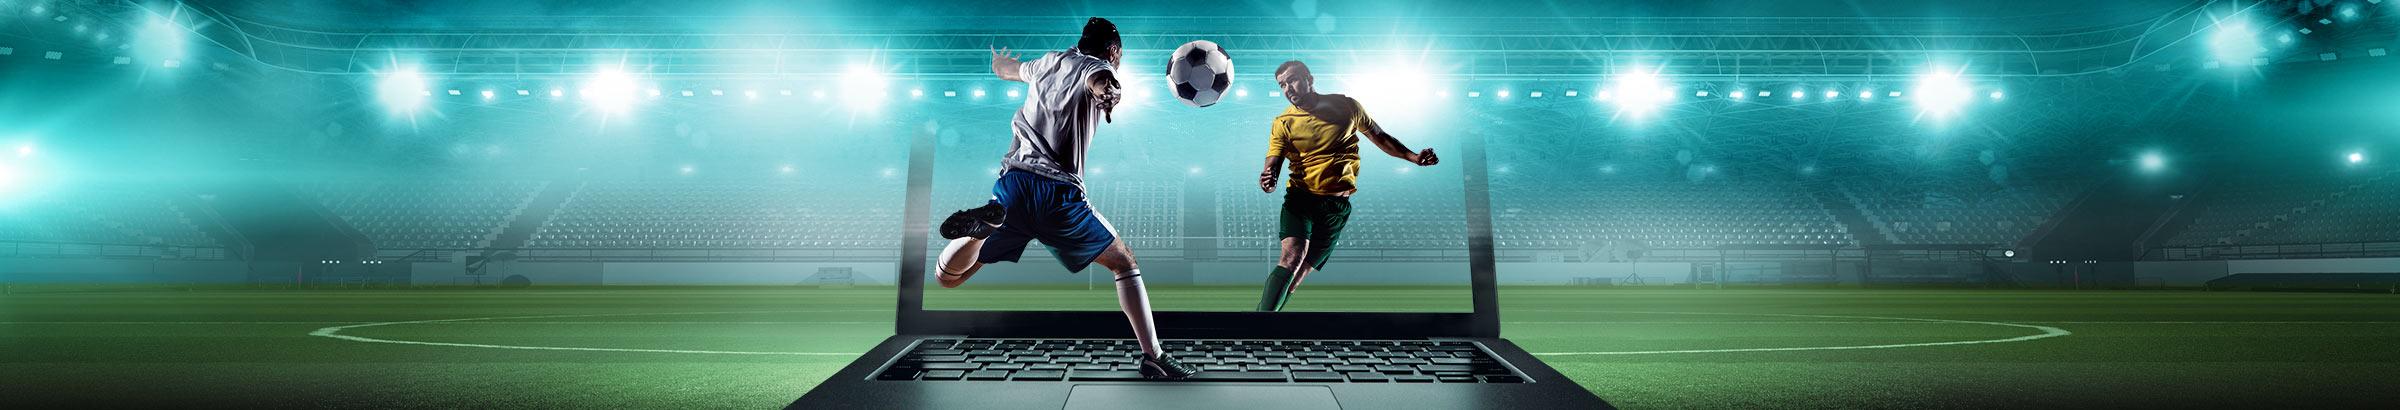 Tips Mudah Menang Bermain di Bandar Bola Online